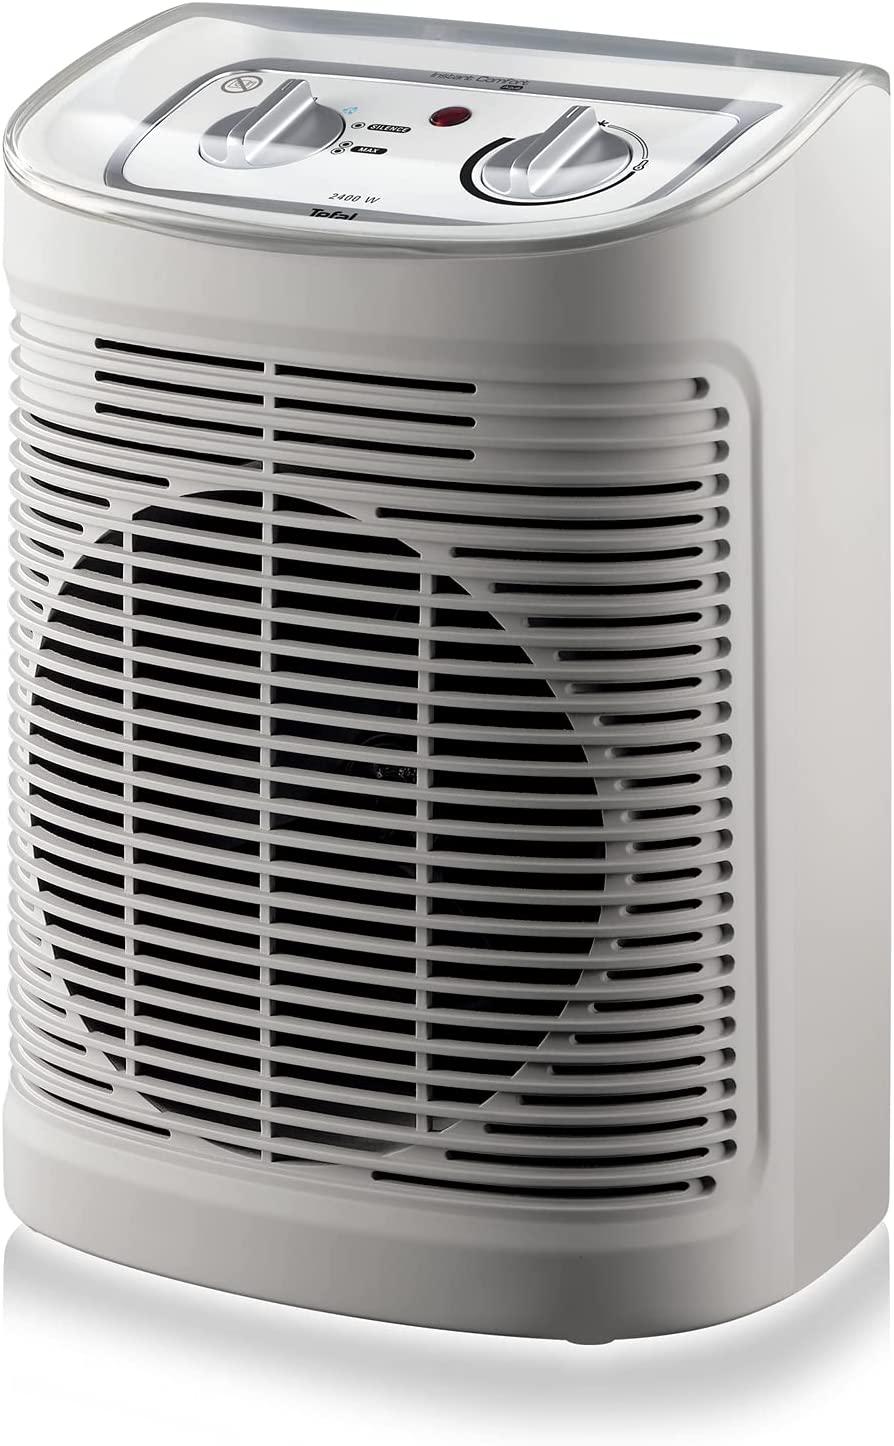 calefactor-electrico-de-bajo-consumo-rowenta-instant-comfort-aqua-so6510f2.jpg